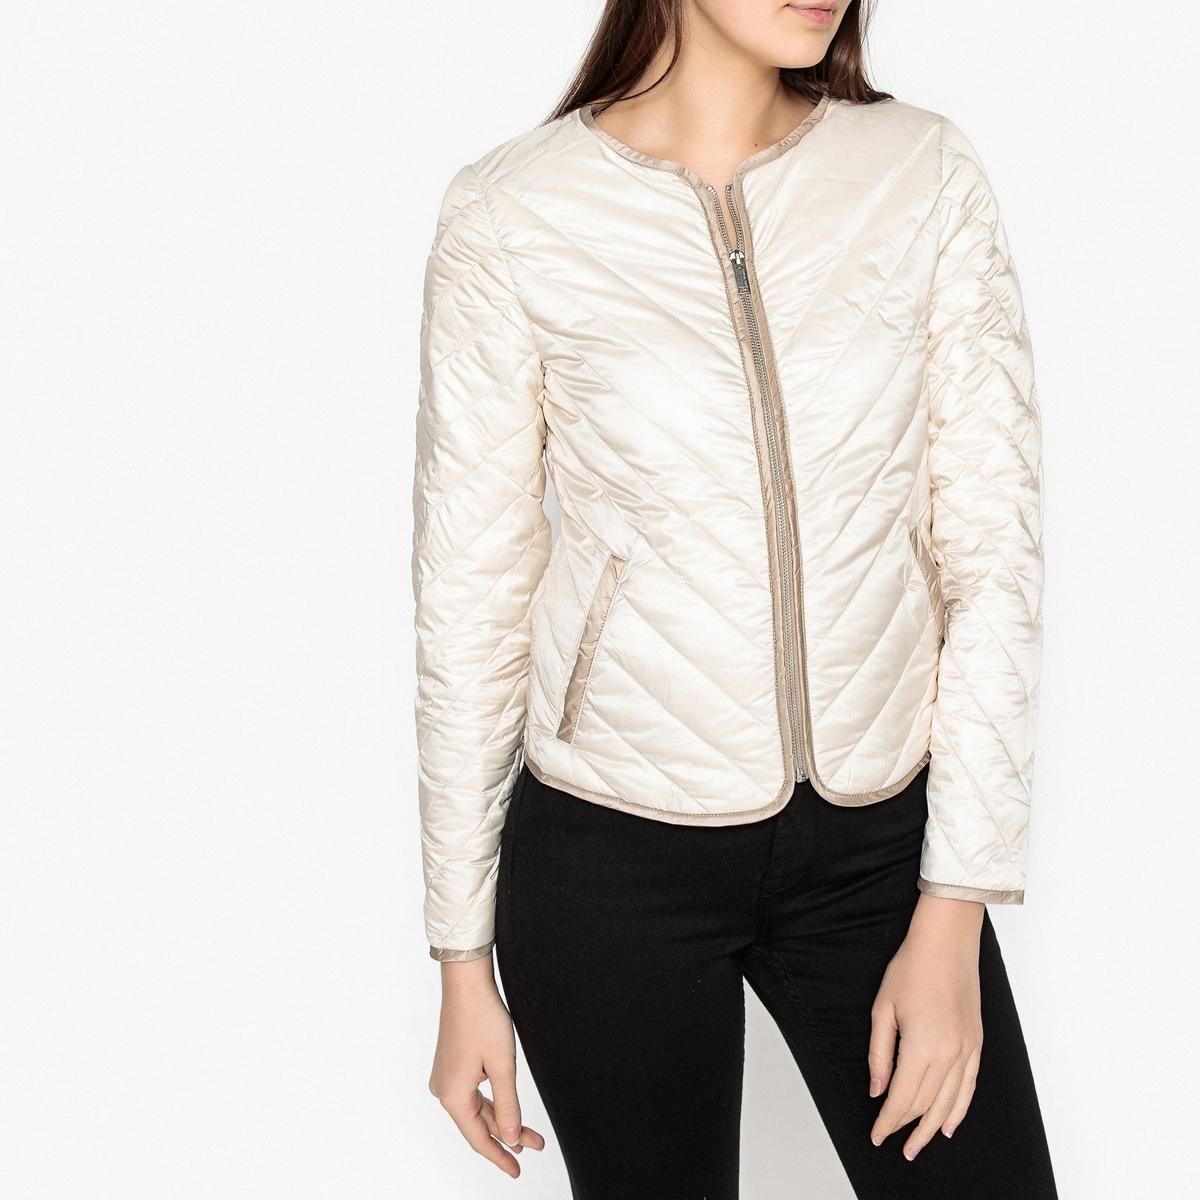 Куртка стеганая двухцветнаяОписание:Куртка стеганая  IKKS. Стеганая ткань с узором и окантовкой выреза, низа и застежки. Косые карманы и прямые манжеты. Детали •  Длина : укороченная модель •  Круглый вырез •  Застежка на молниюСостав и уход •  100% полиэстера •  Подкладка : 100% полиэстер •  Наполнитель : 90% пуха, 10% пера •  Следуйте рекомендациям по уходу, указанным на этикетке изделия •  Длина ок. 55 см для размера S<br><br>Цвет: слоновая кость,хаки